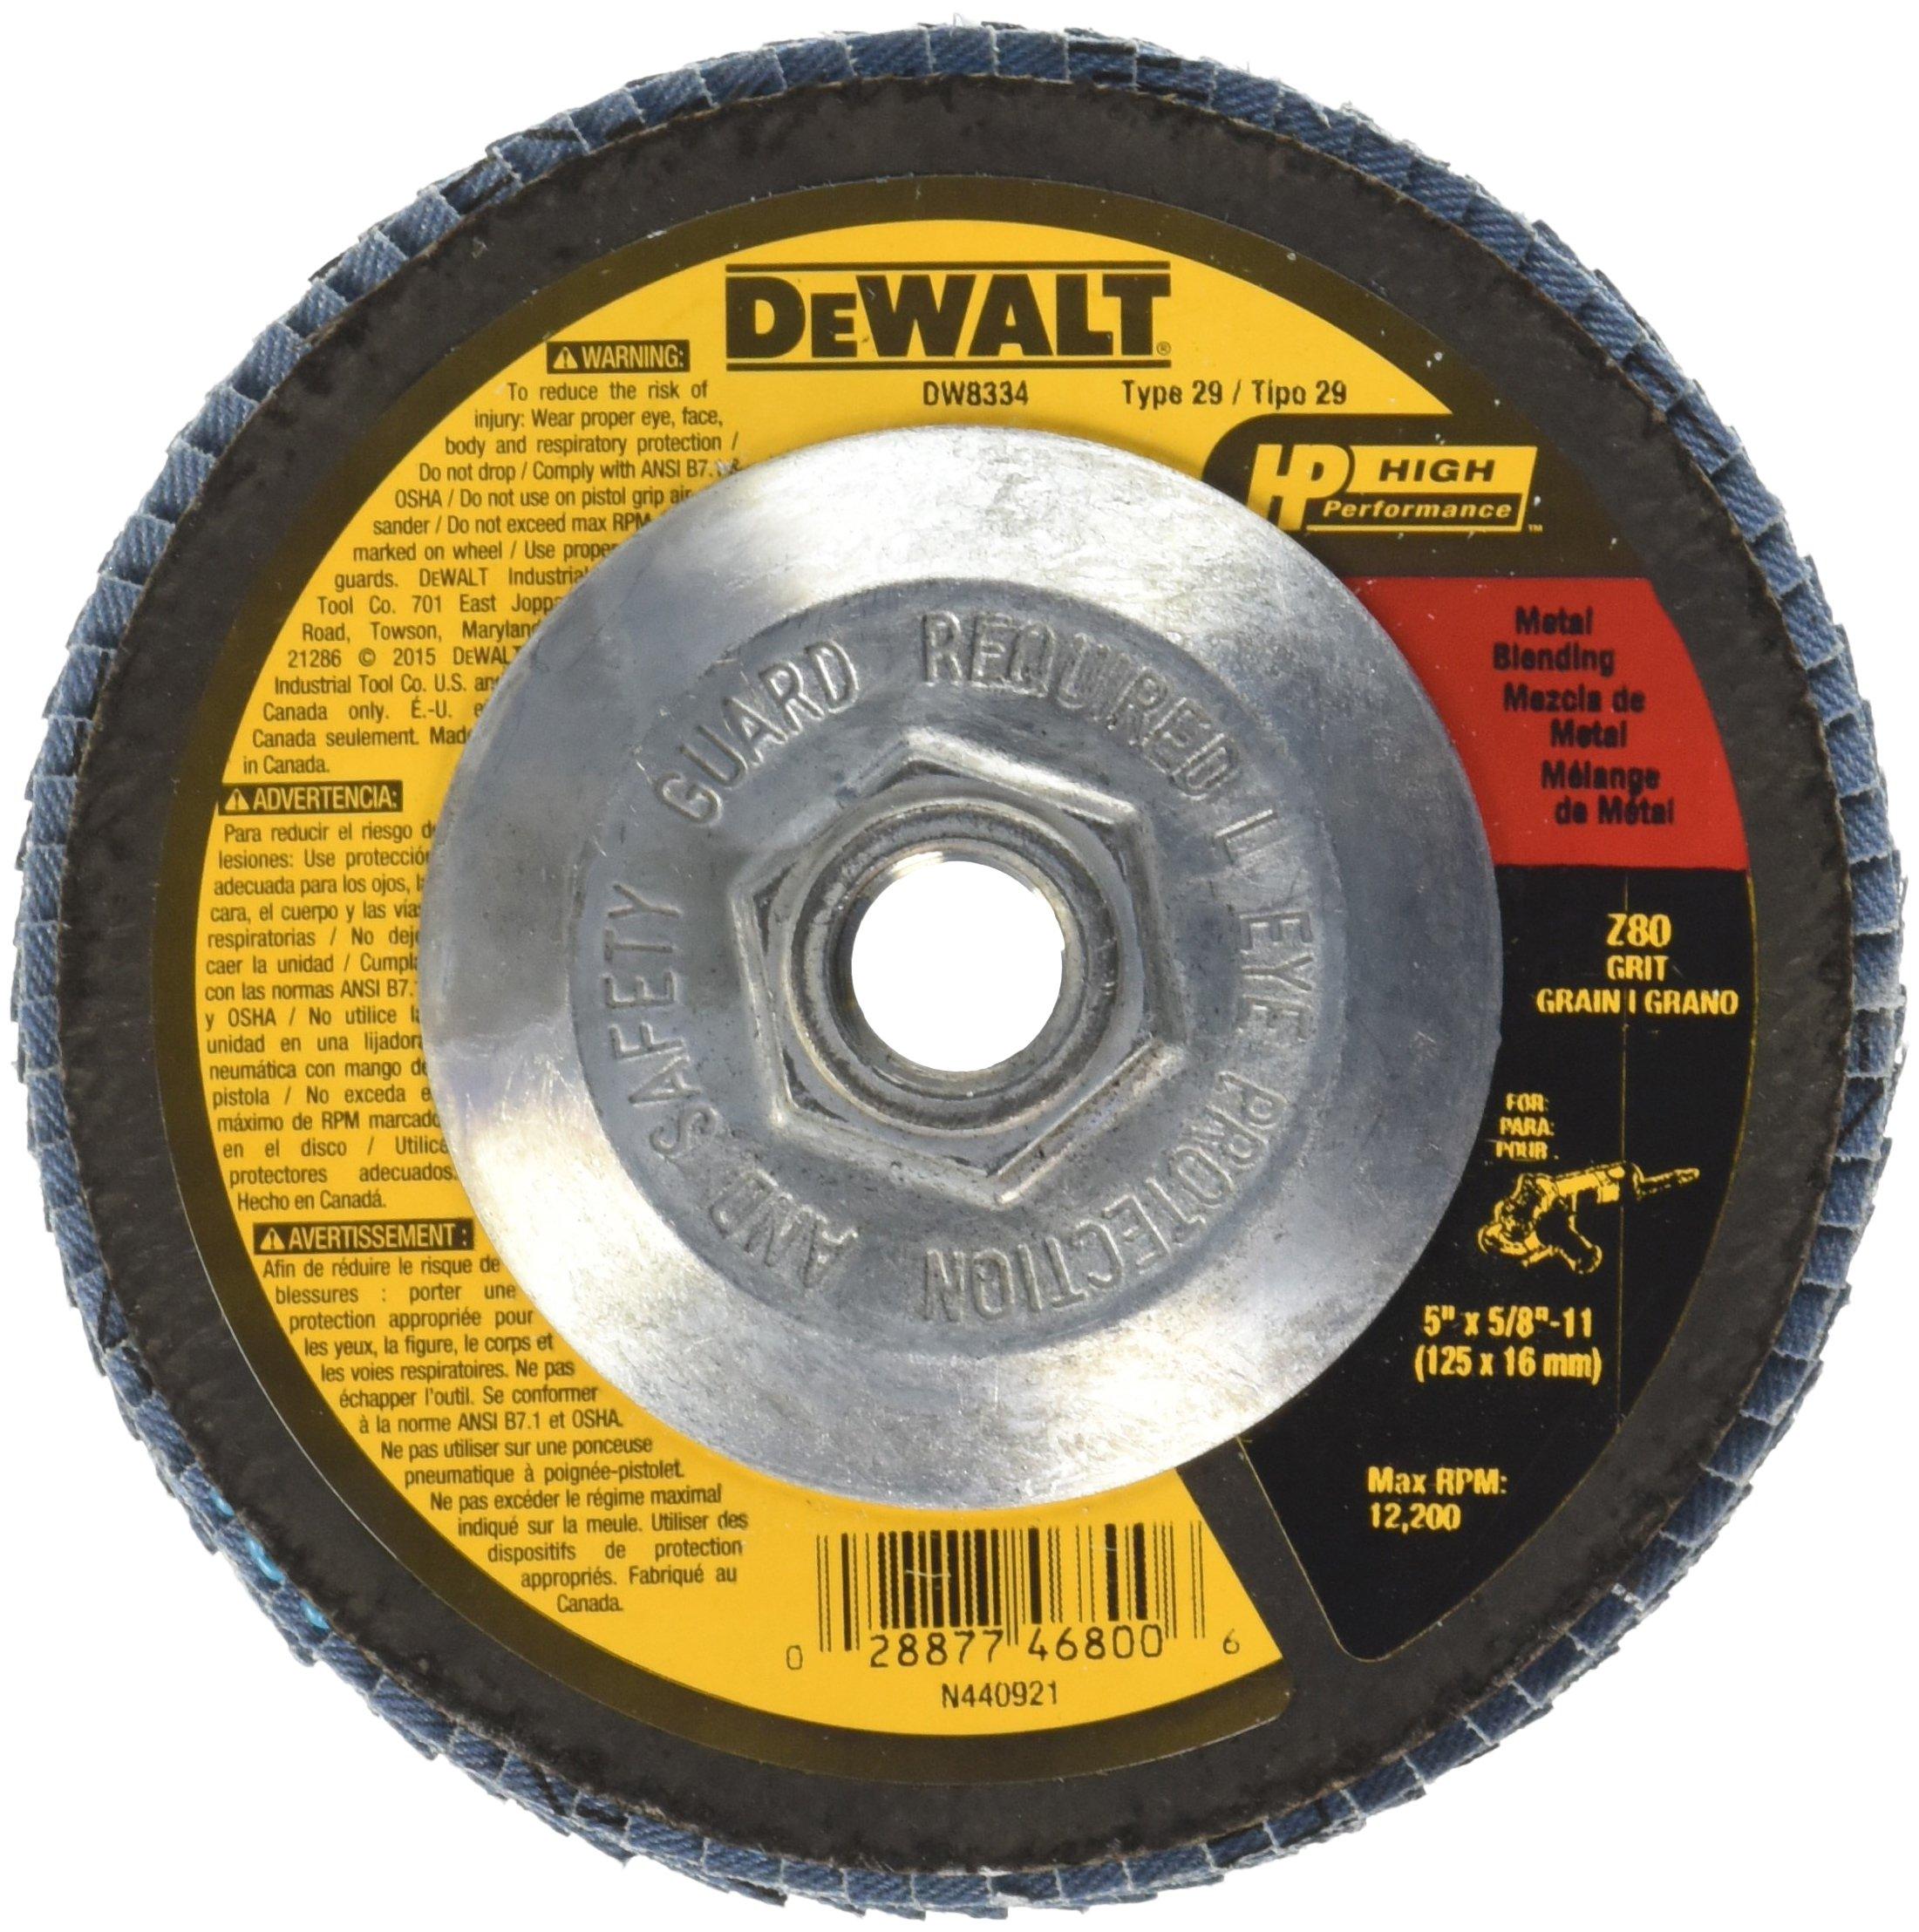 DEWALT DW8334 5-Inch by 5/8-Inch-11 80 Grit Zirconia Angle Grinder Flap Disc